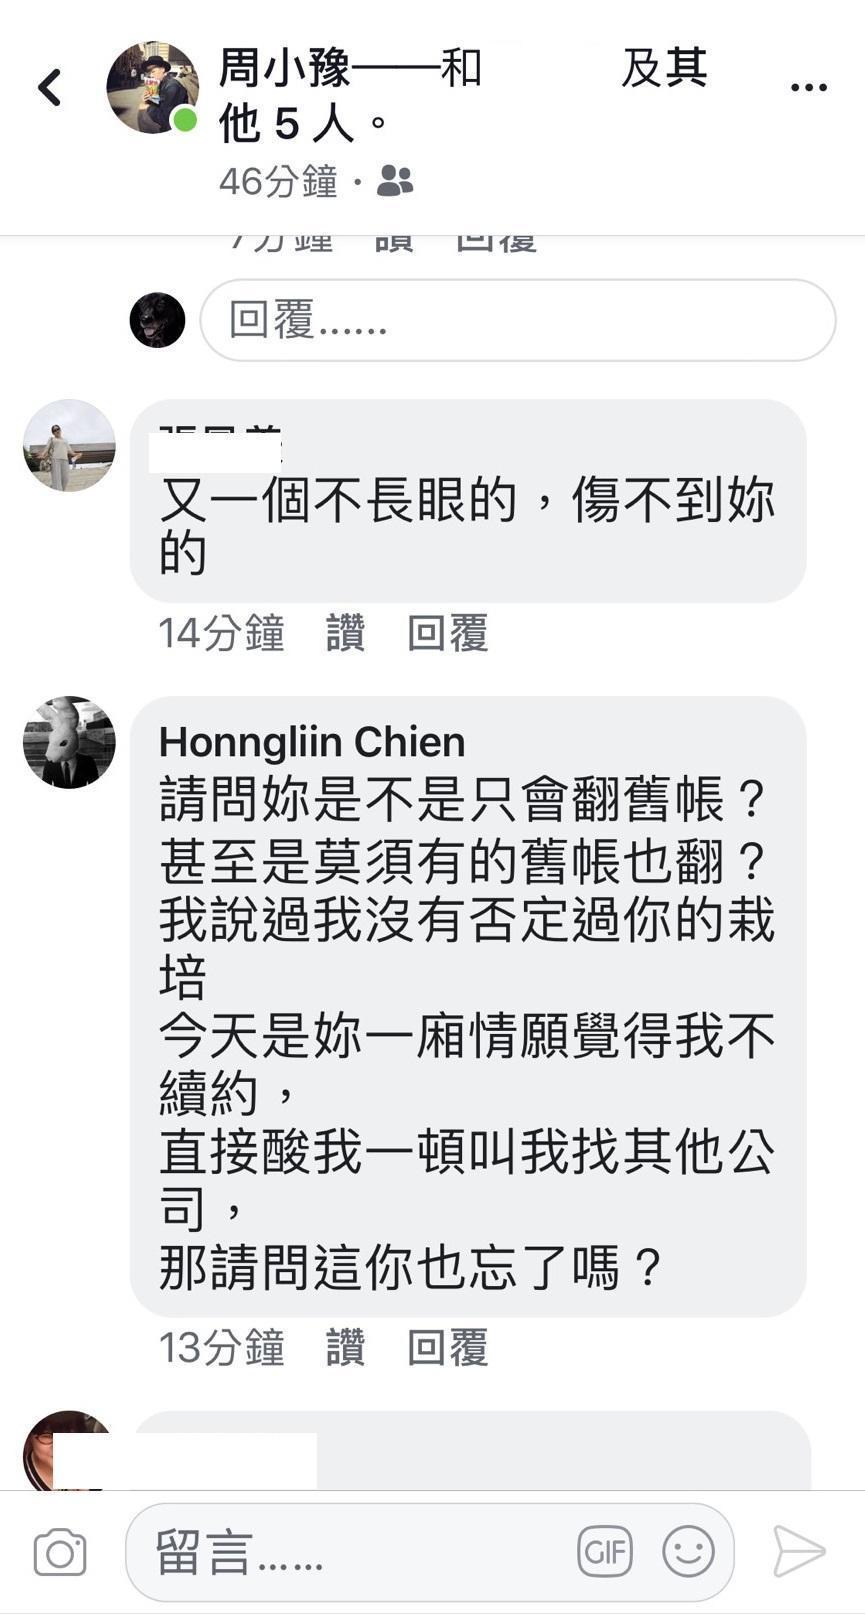 簡宏霖用私人帳號批周美豫「翻舊帳」。(翻攝自周美豫臉書)